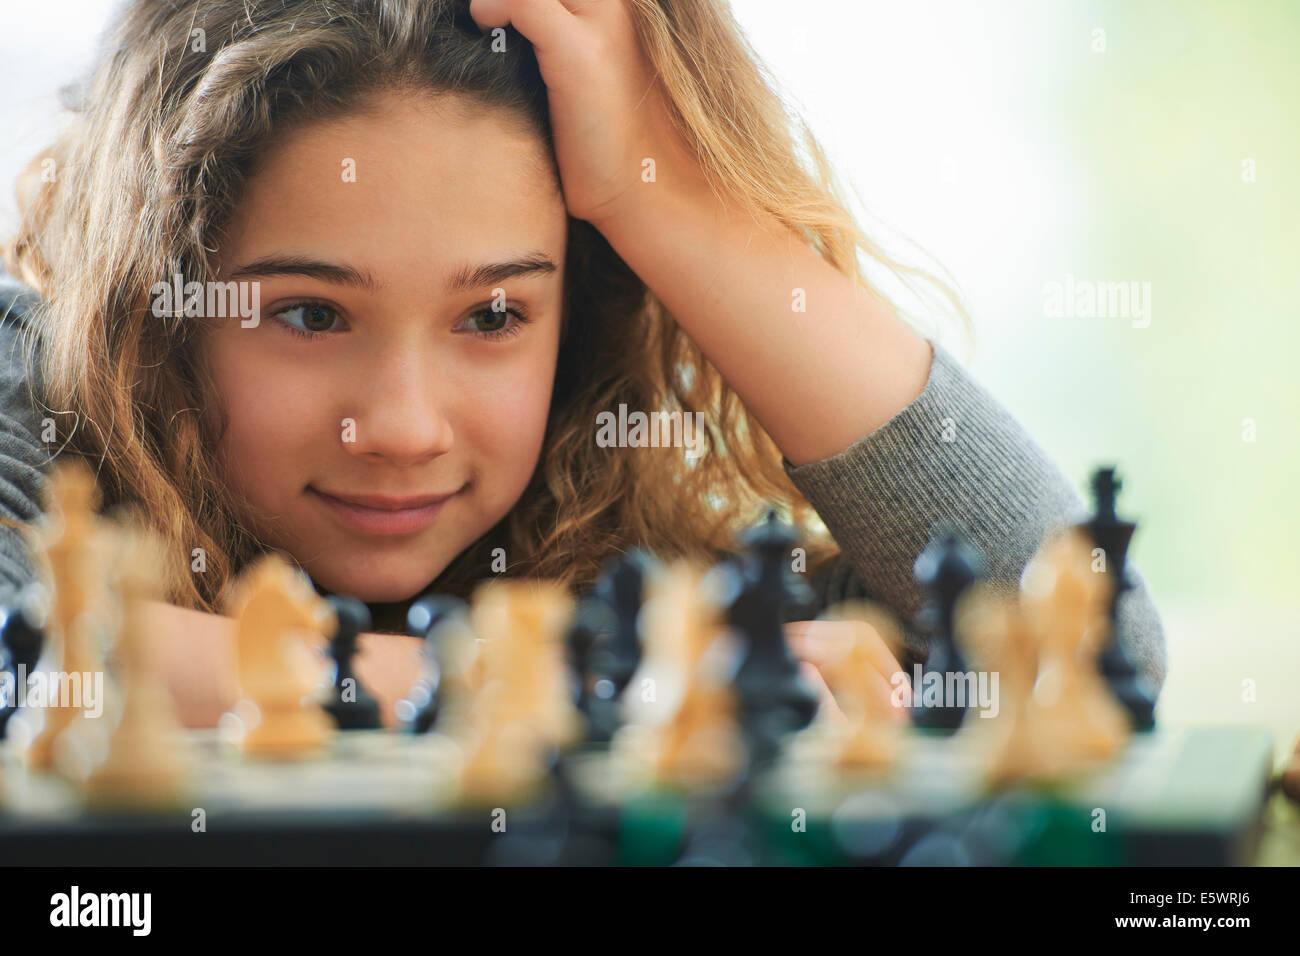 Retrato de niña jugando ajedrez Imagen De Stock